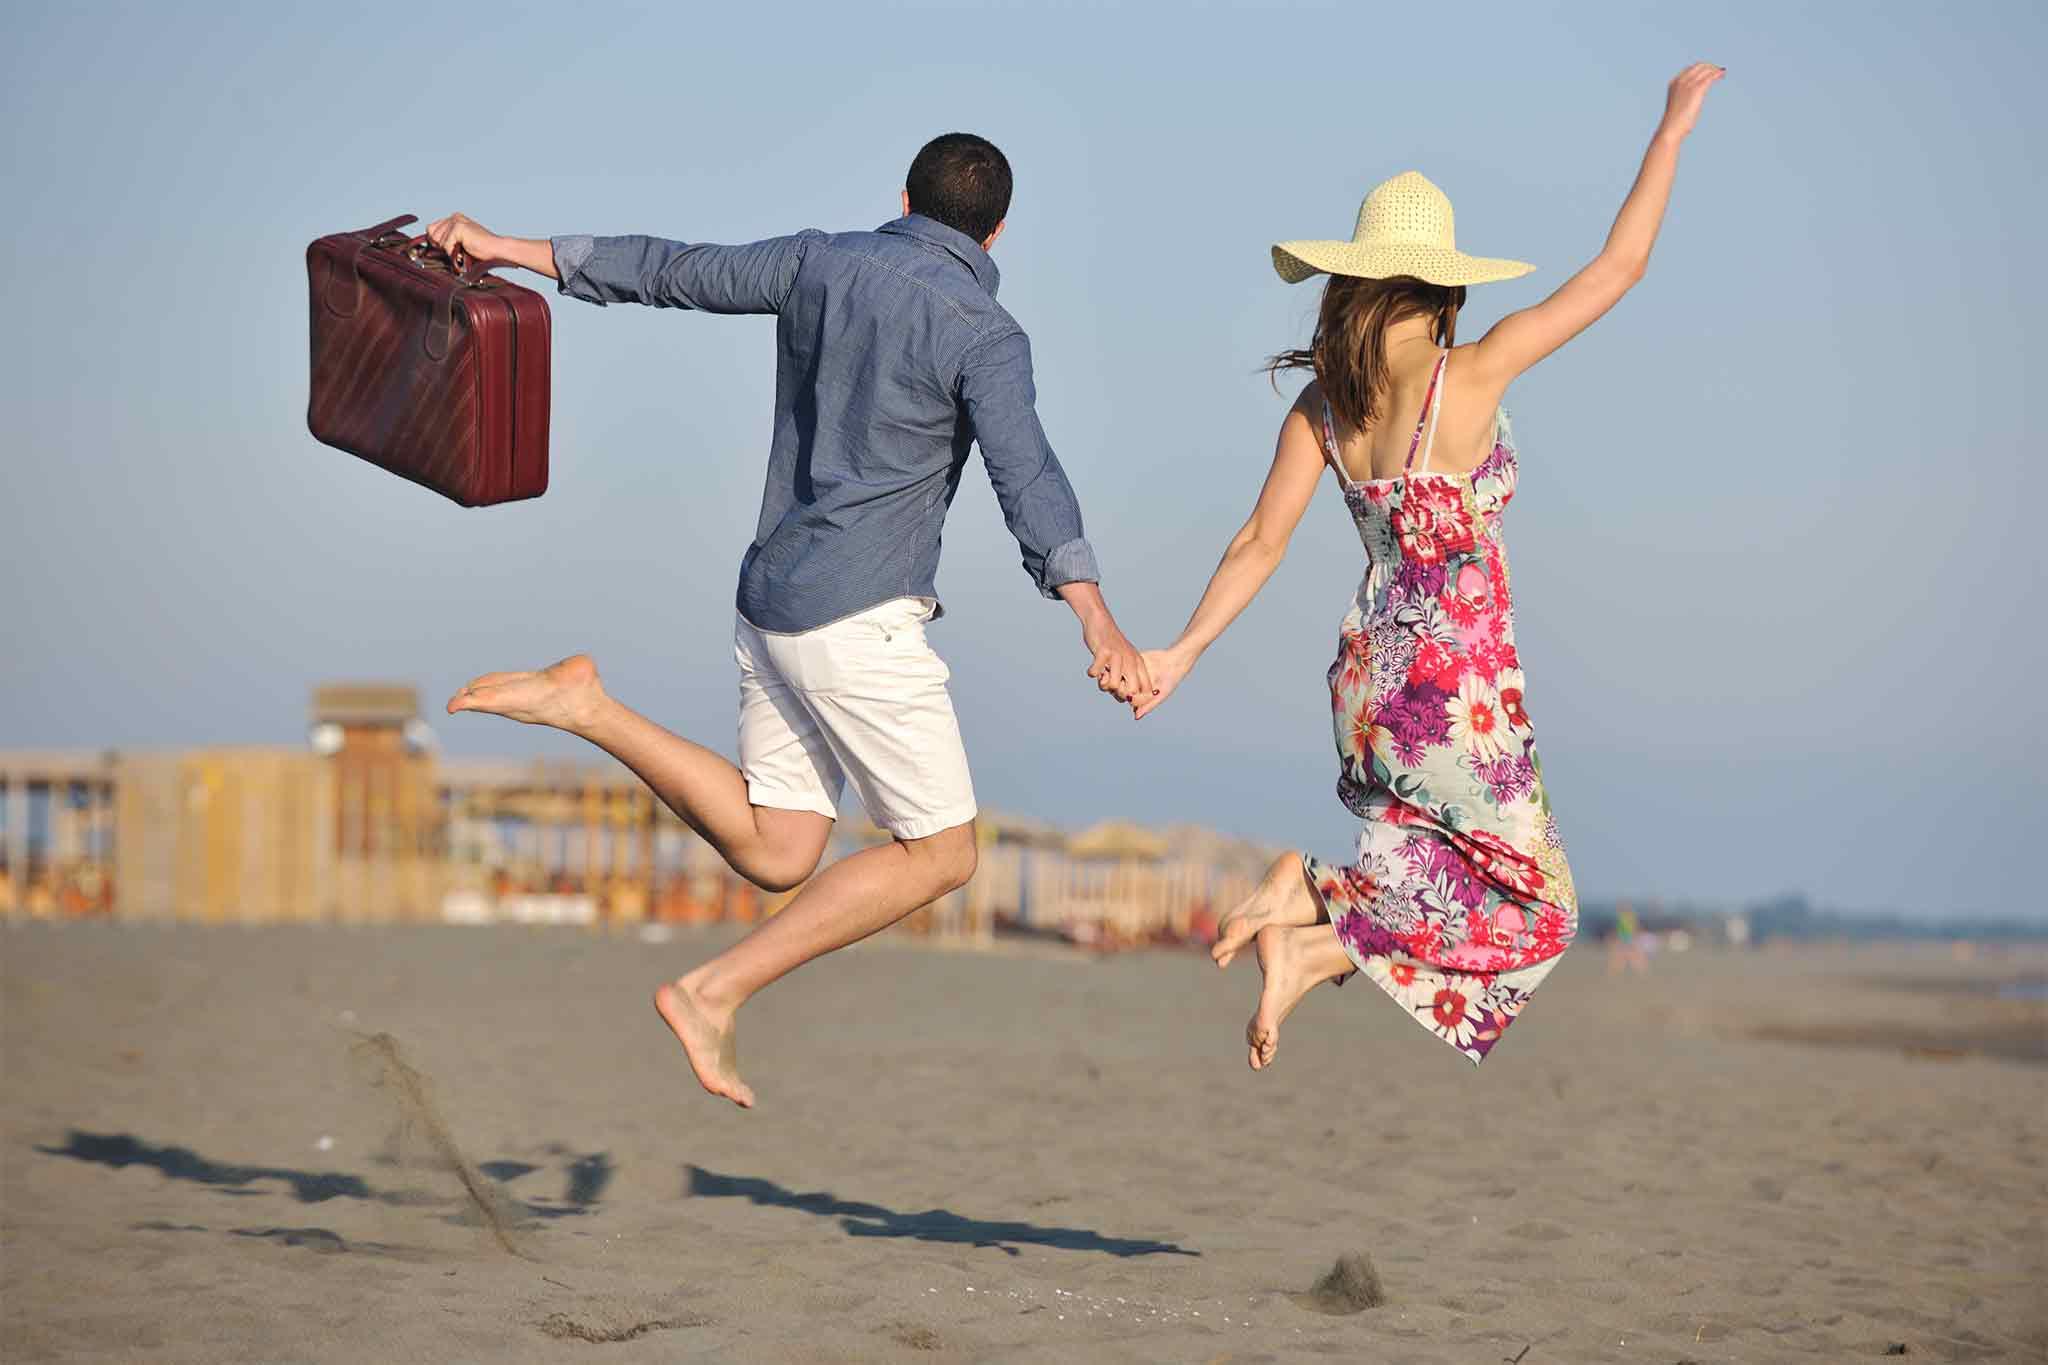 FIT the Localで旅行はもっと身軽になる。旅先で最適な服をレンタルする時代。